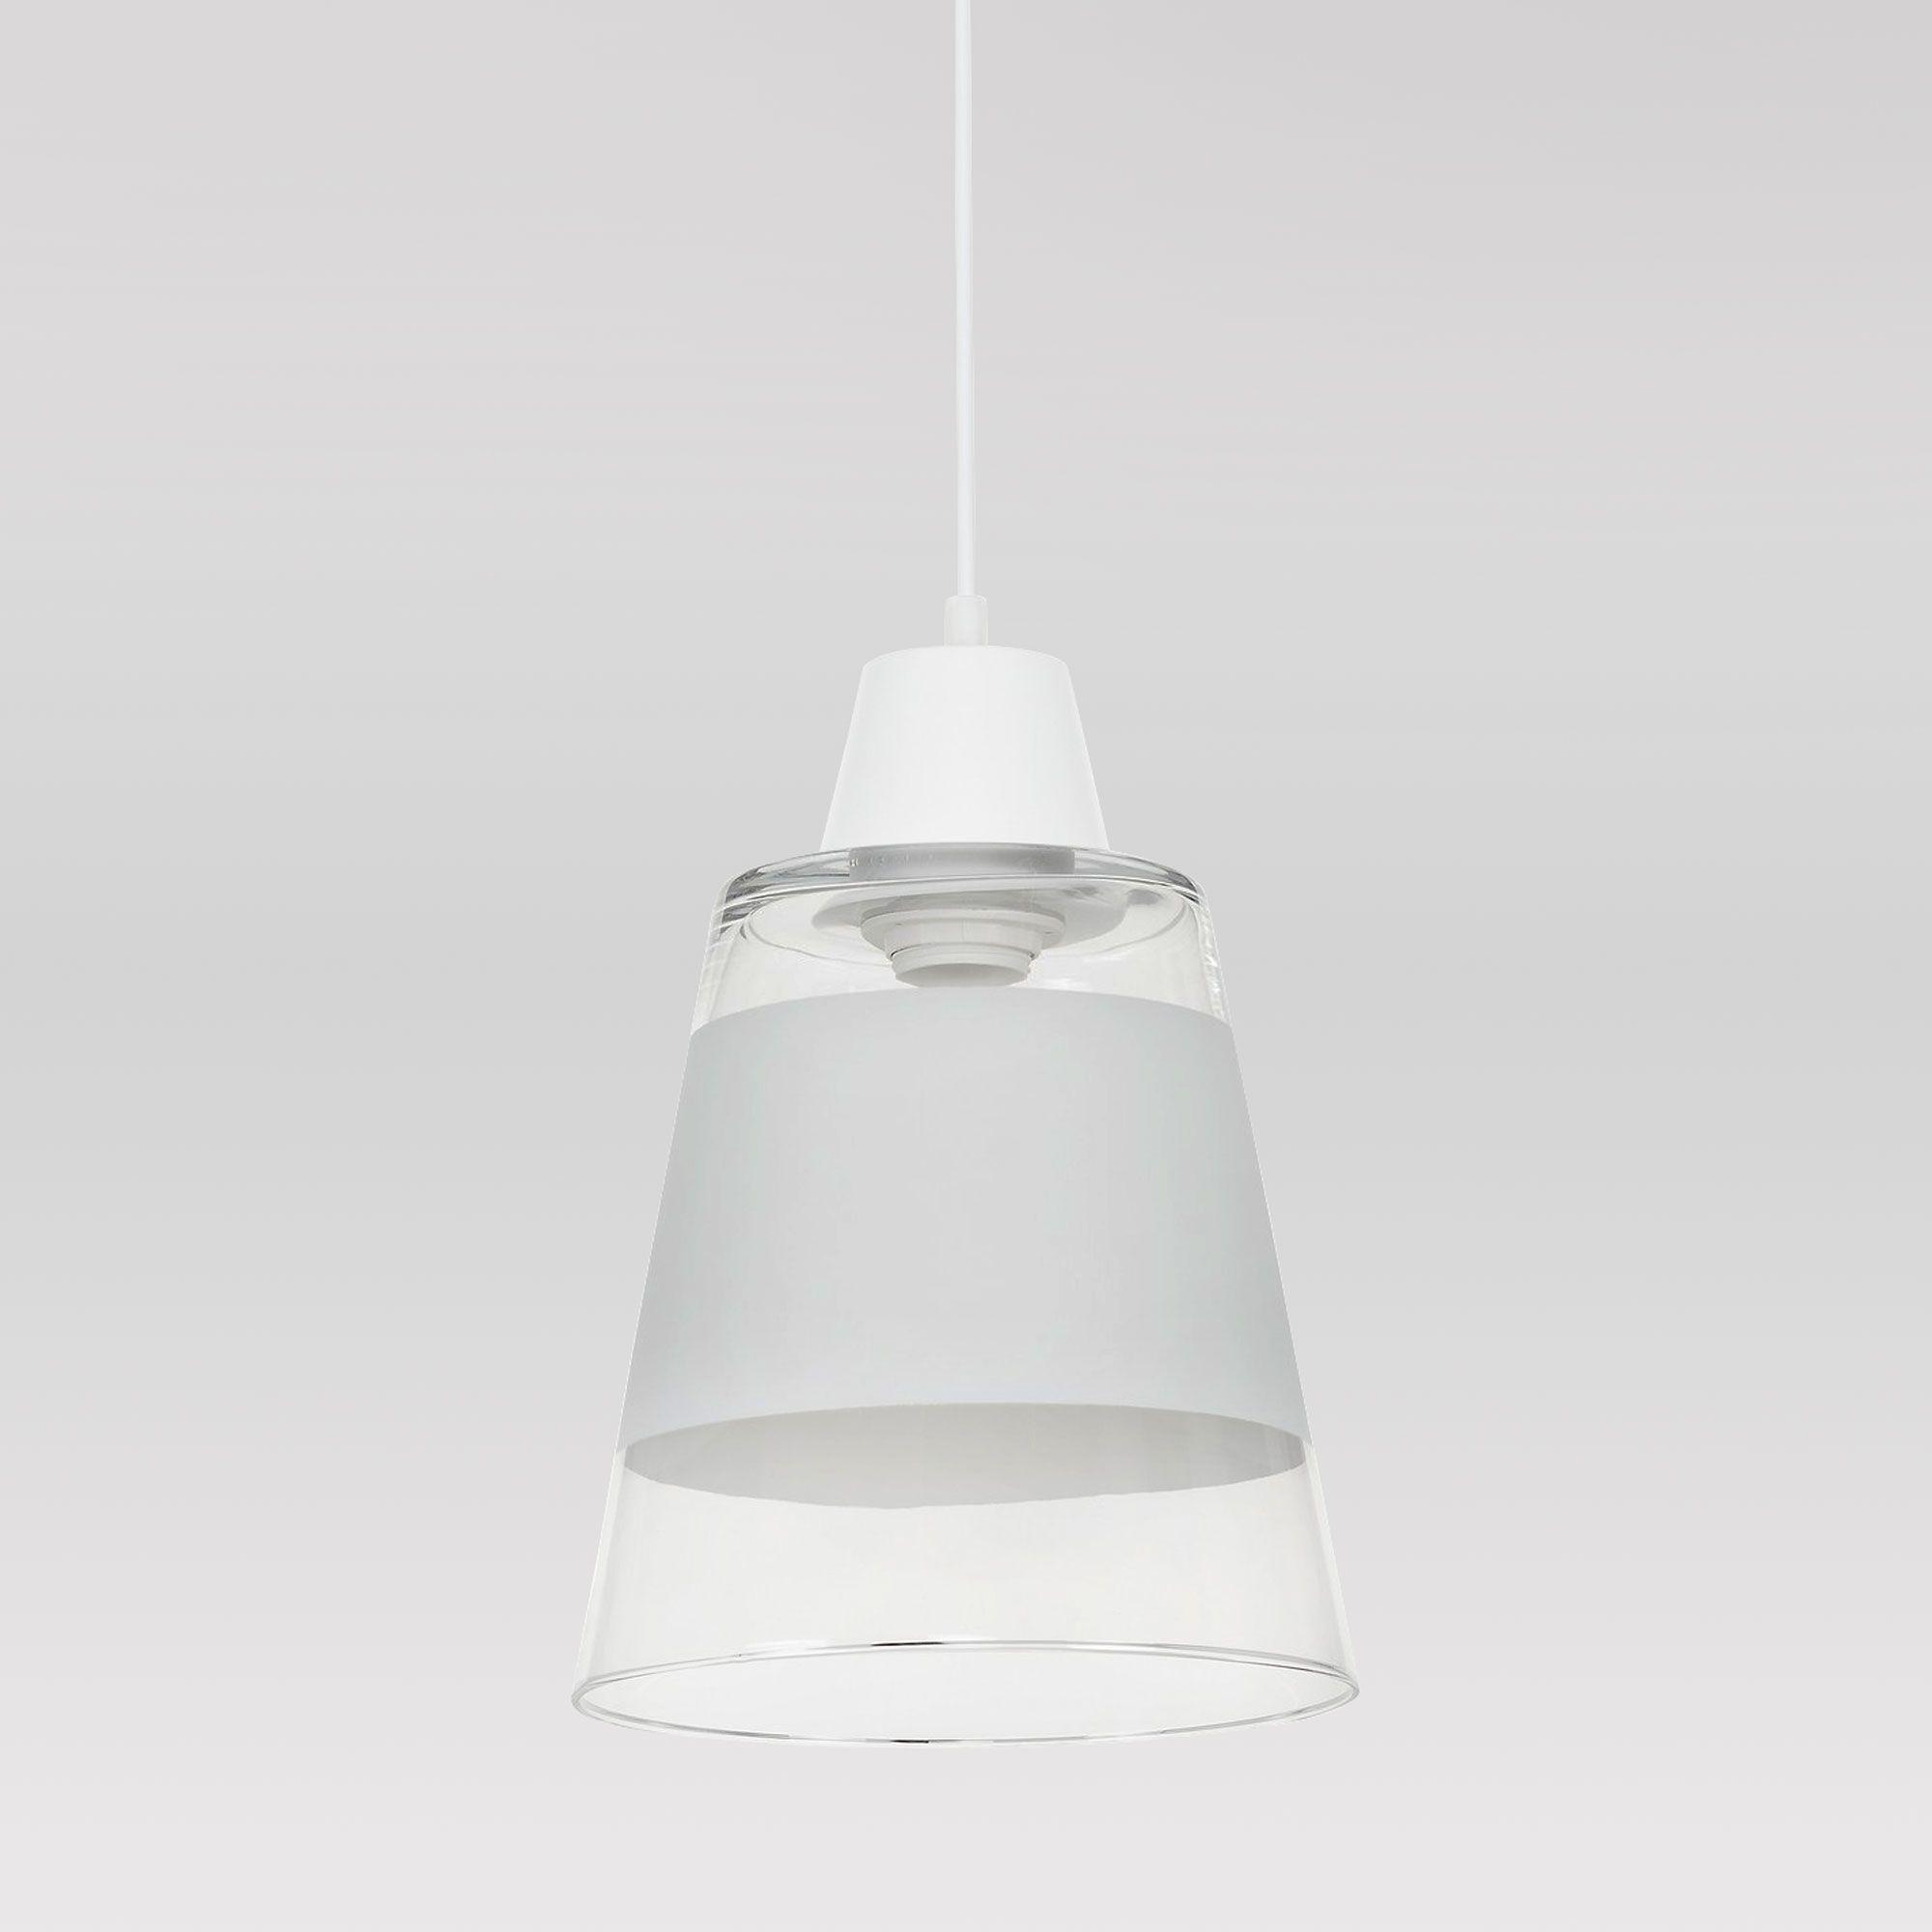 Подвесной светильник со стеклянным плафоном 939 Trick